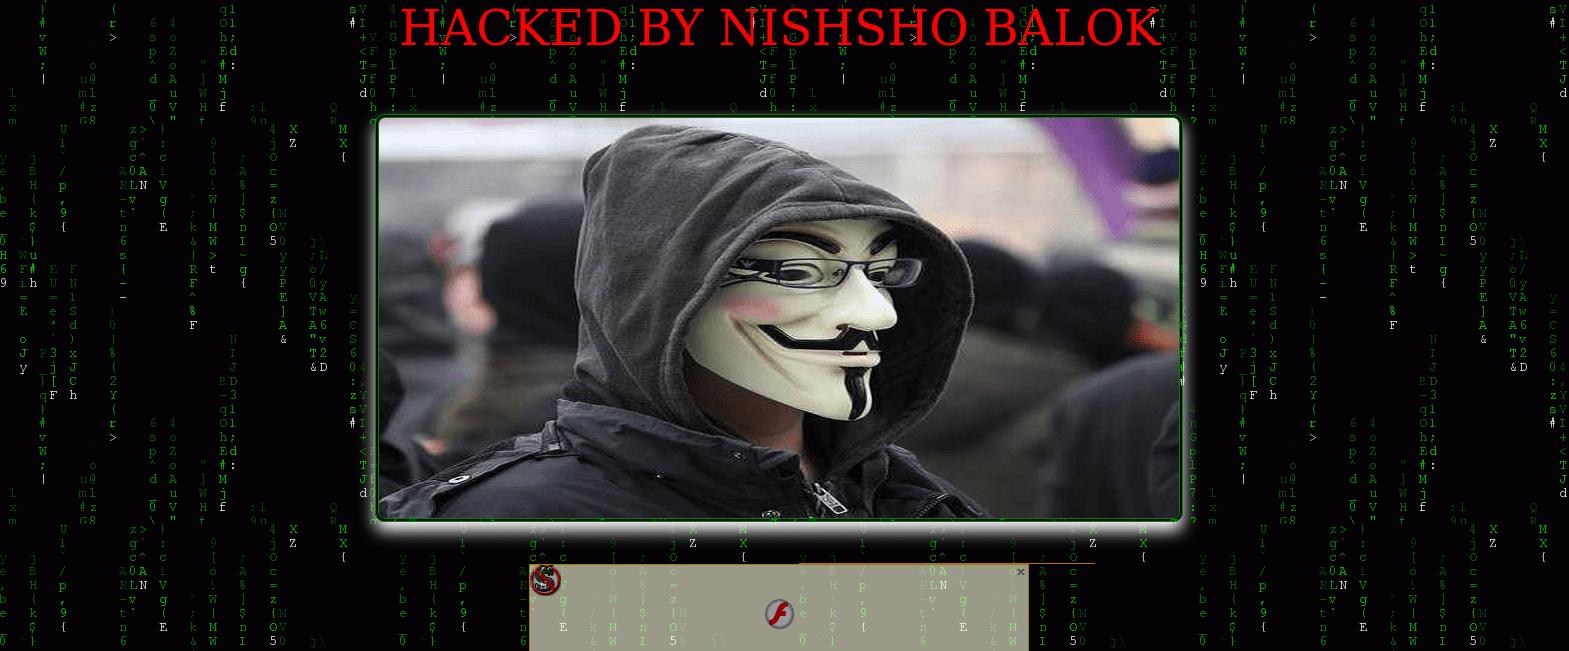 Defaced-Hacked-Nisho